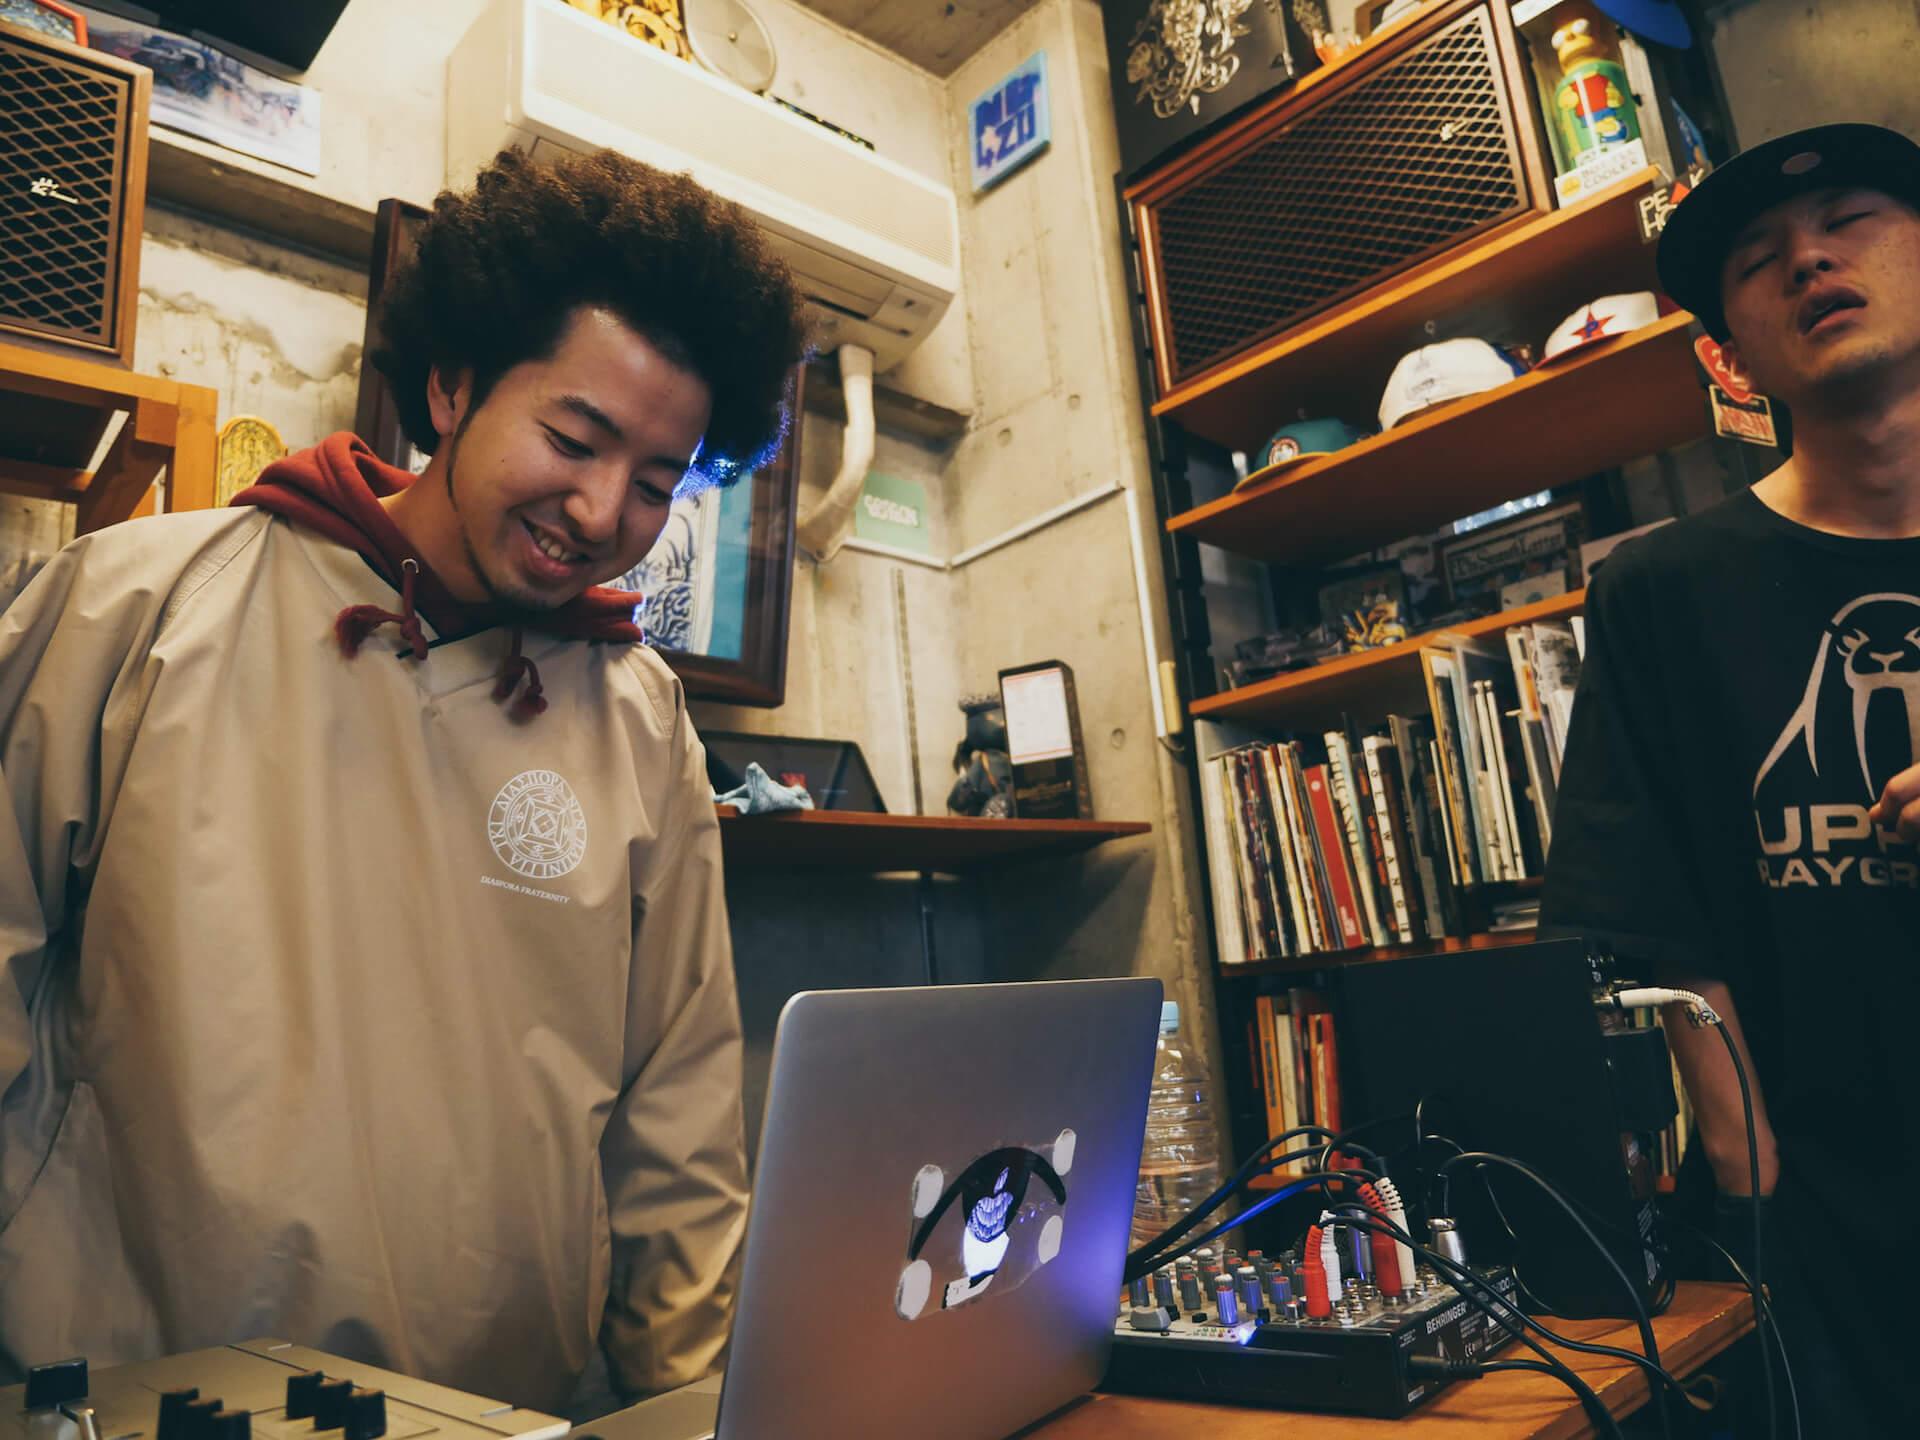 ビートは世界と出会う――BEAT MEETS WORLD x WANDERMAN POP UP in RAH YOKOHAMA REPORT interview-beat-meets-world-pop-up-report-18